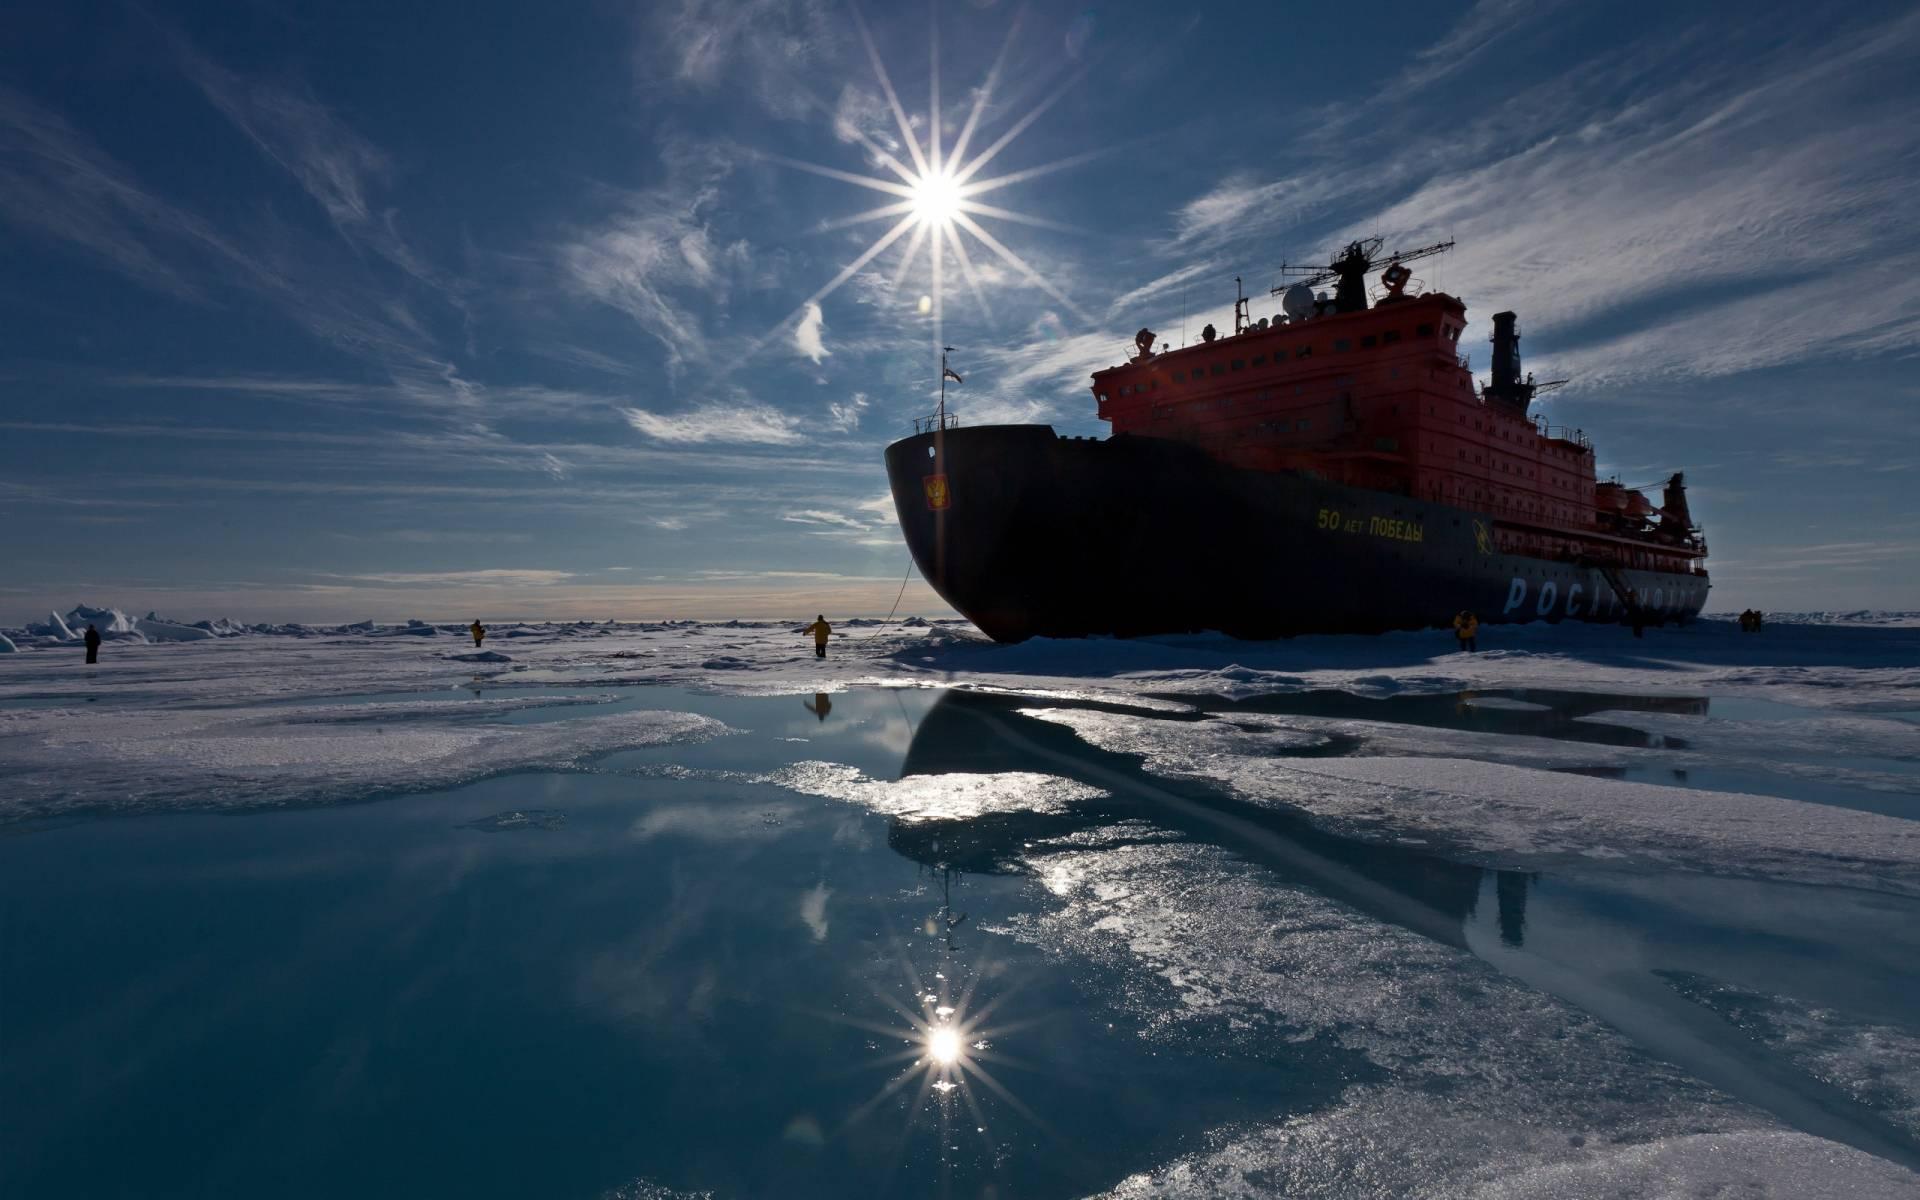 обои ледокол, судно, люди картинки фото